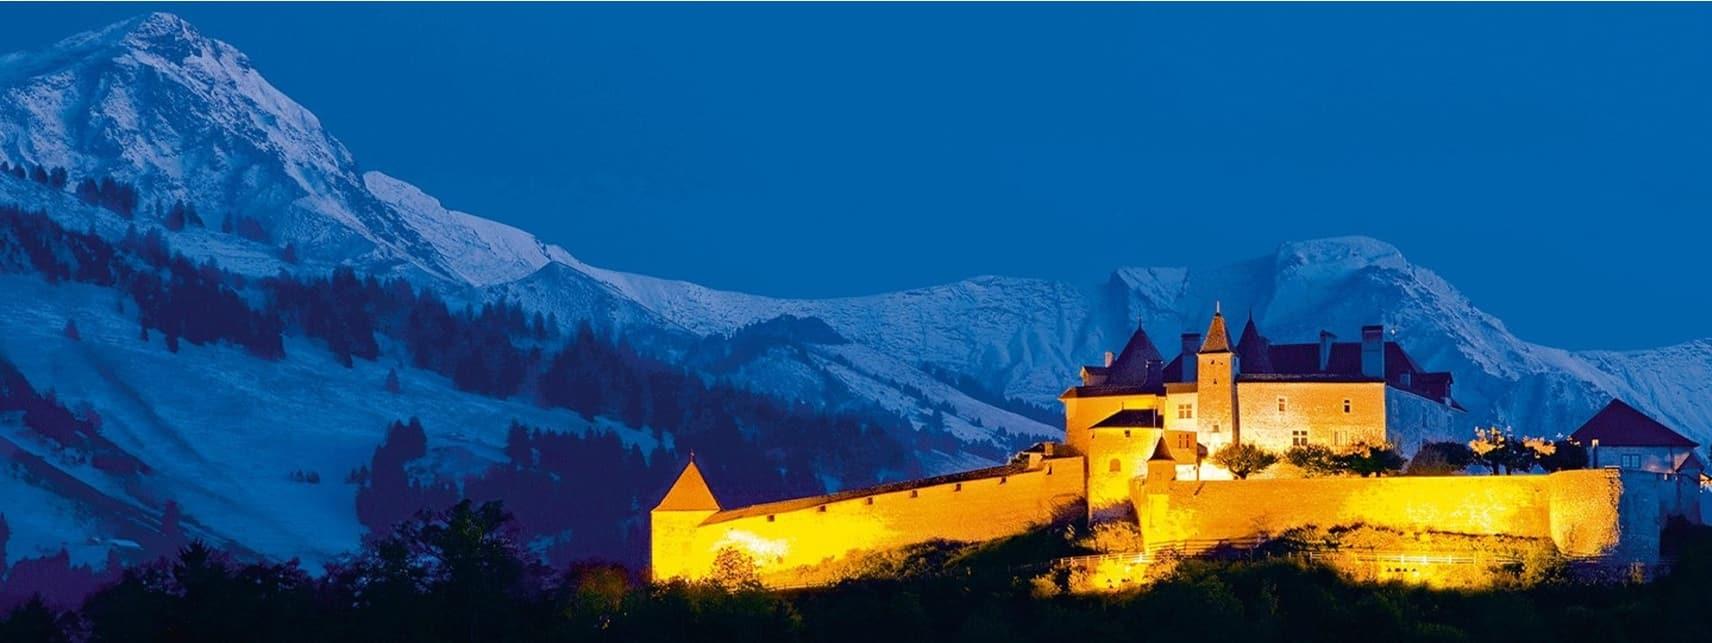 Le Château de Gruyère et le Moléson, dans le Canton de Fribourg, en Suisse